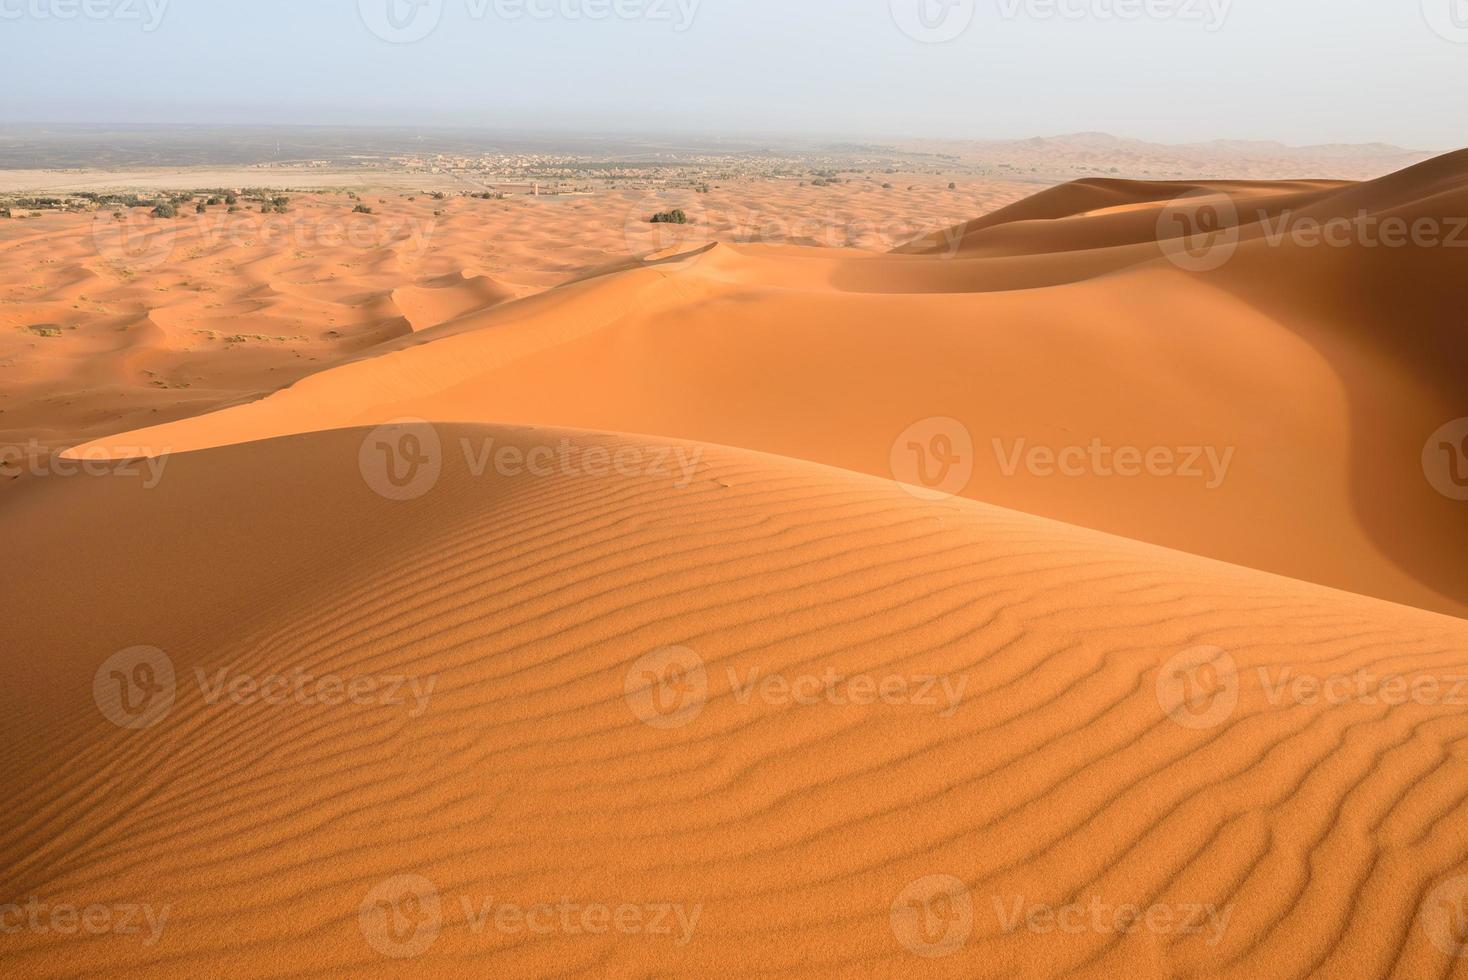 Dunes de sable dans le désert du Sahara, Merzouga, Maroc photo